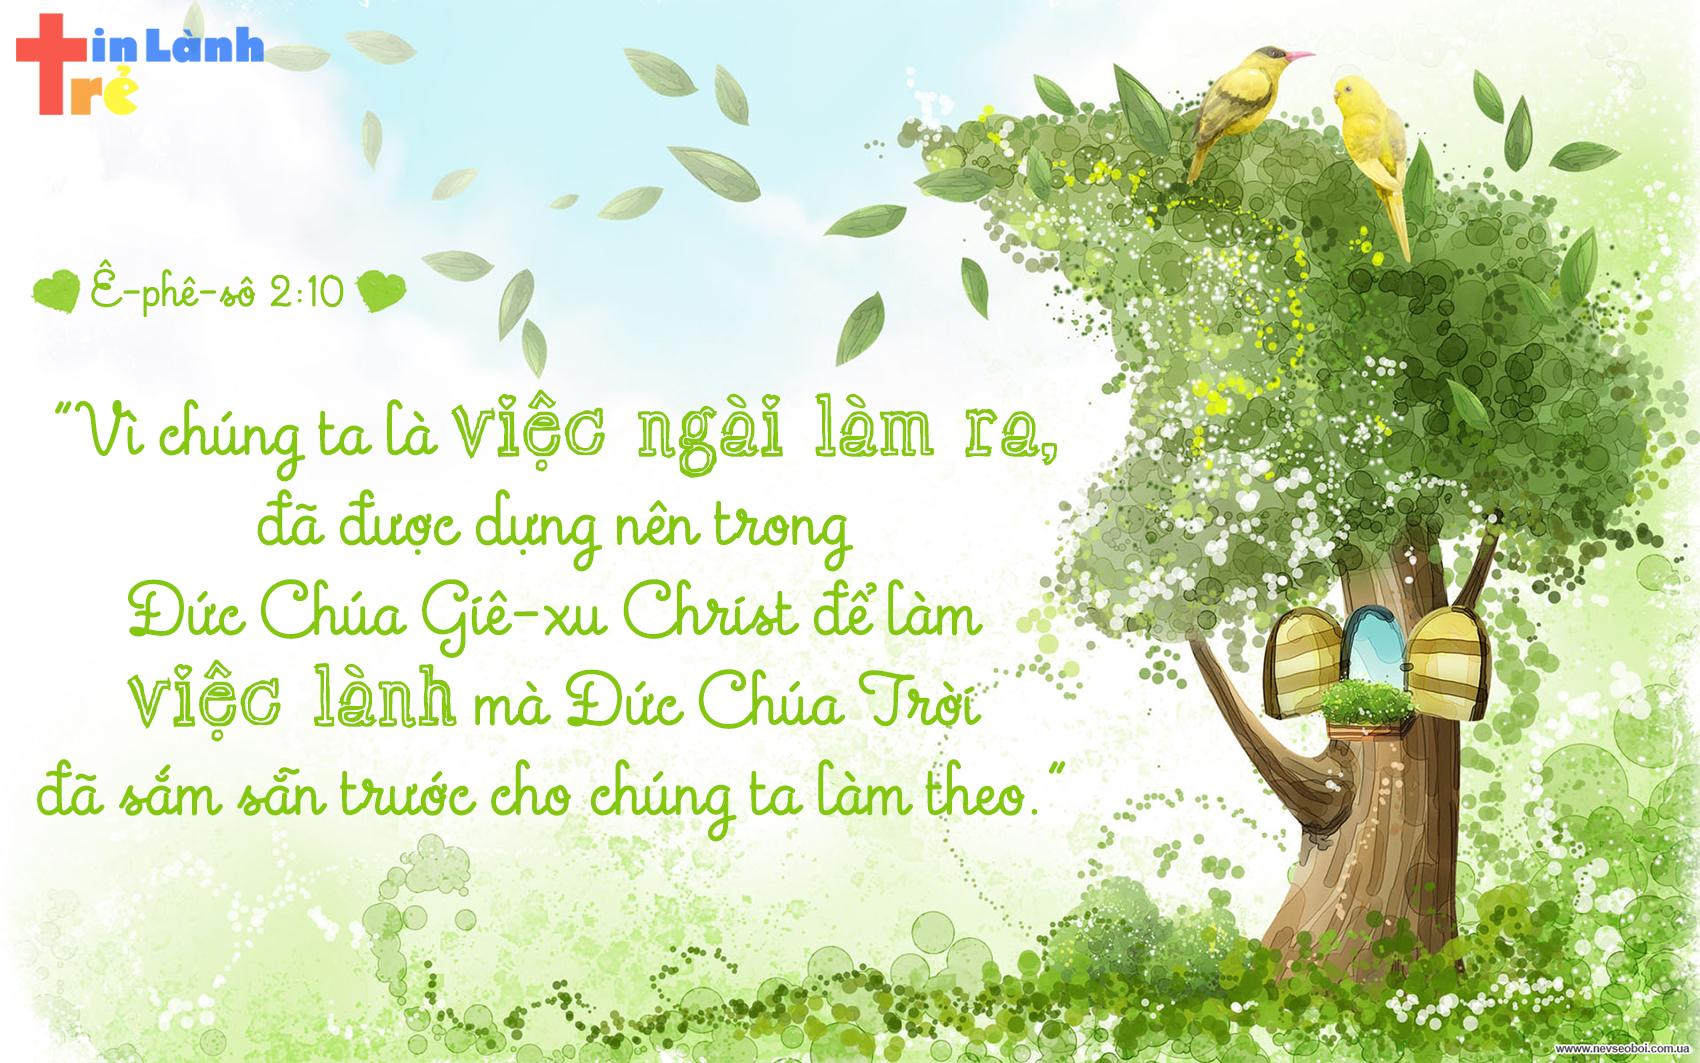 """""""Vì chúng ta là việc Ngài làm ra, đã được dựng nên trong Đức Chúa Giê-xu Christ để làm việc lành mà Đức Chúa Trời đã sắm sẵn trước cho chúng ta làm theo."""" – Ê-phê-sô 2:10"""